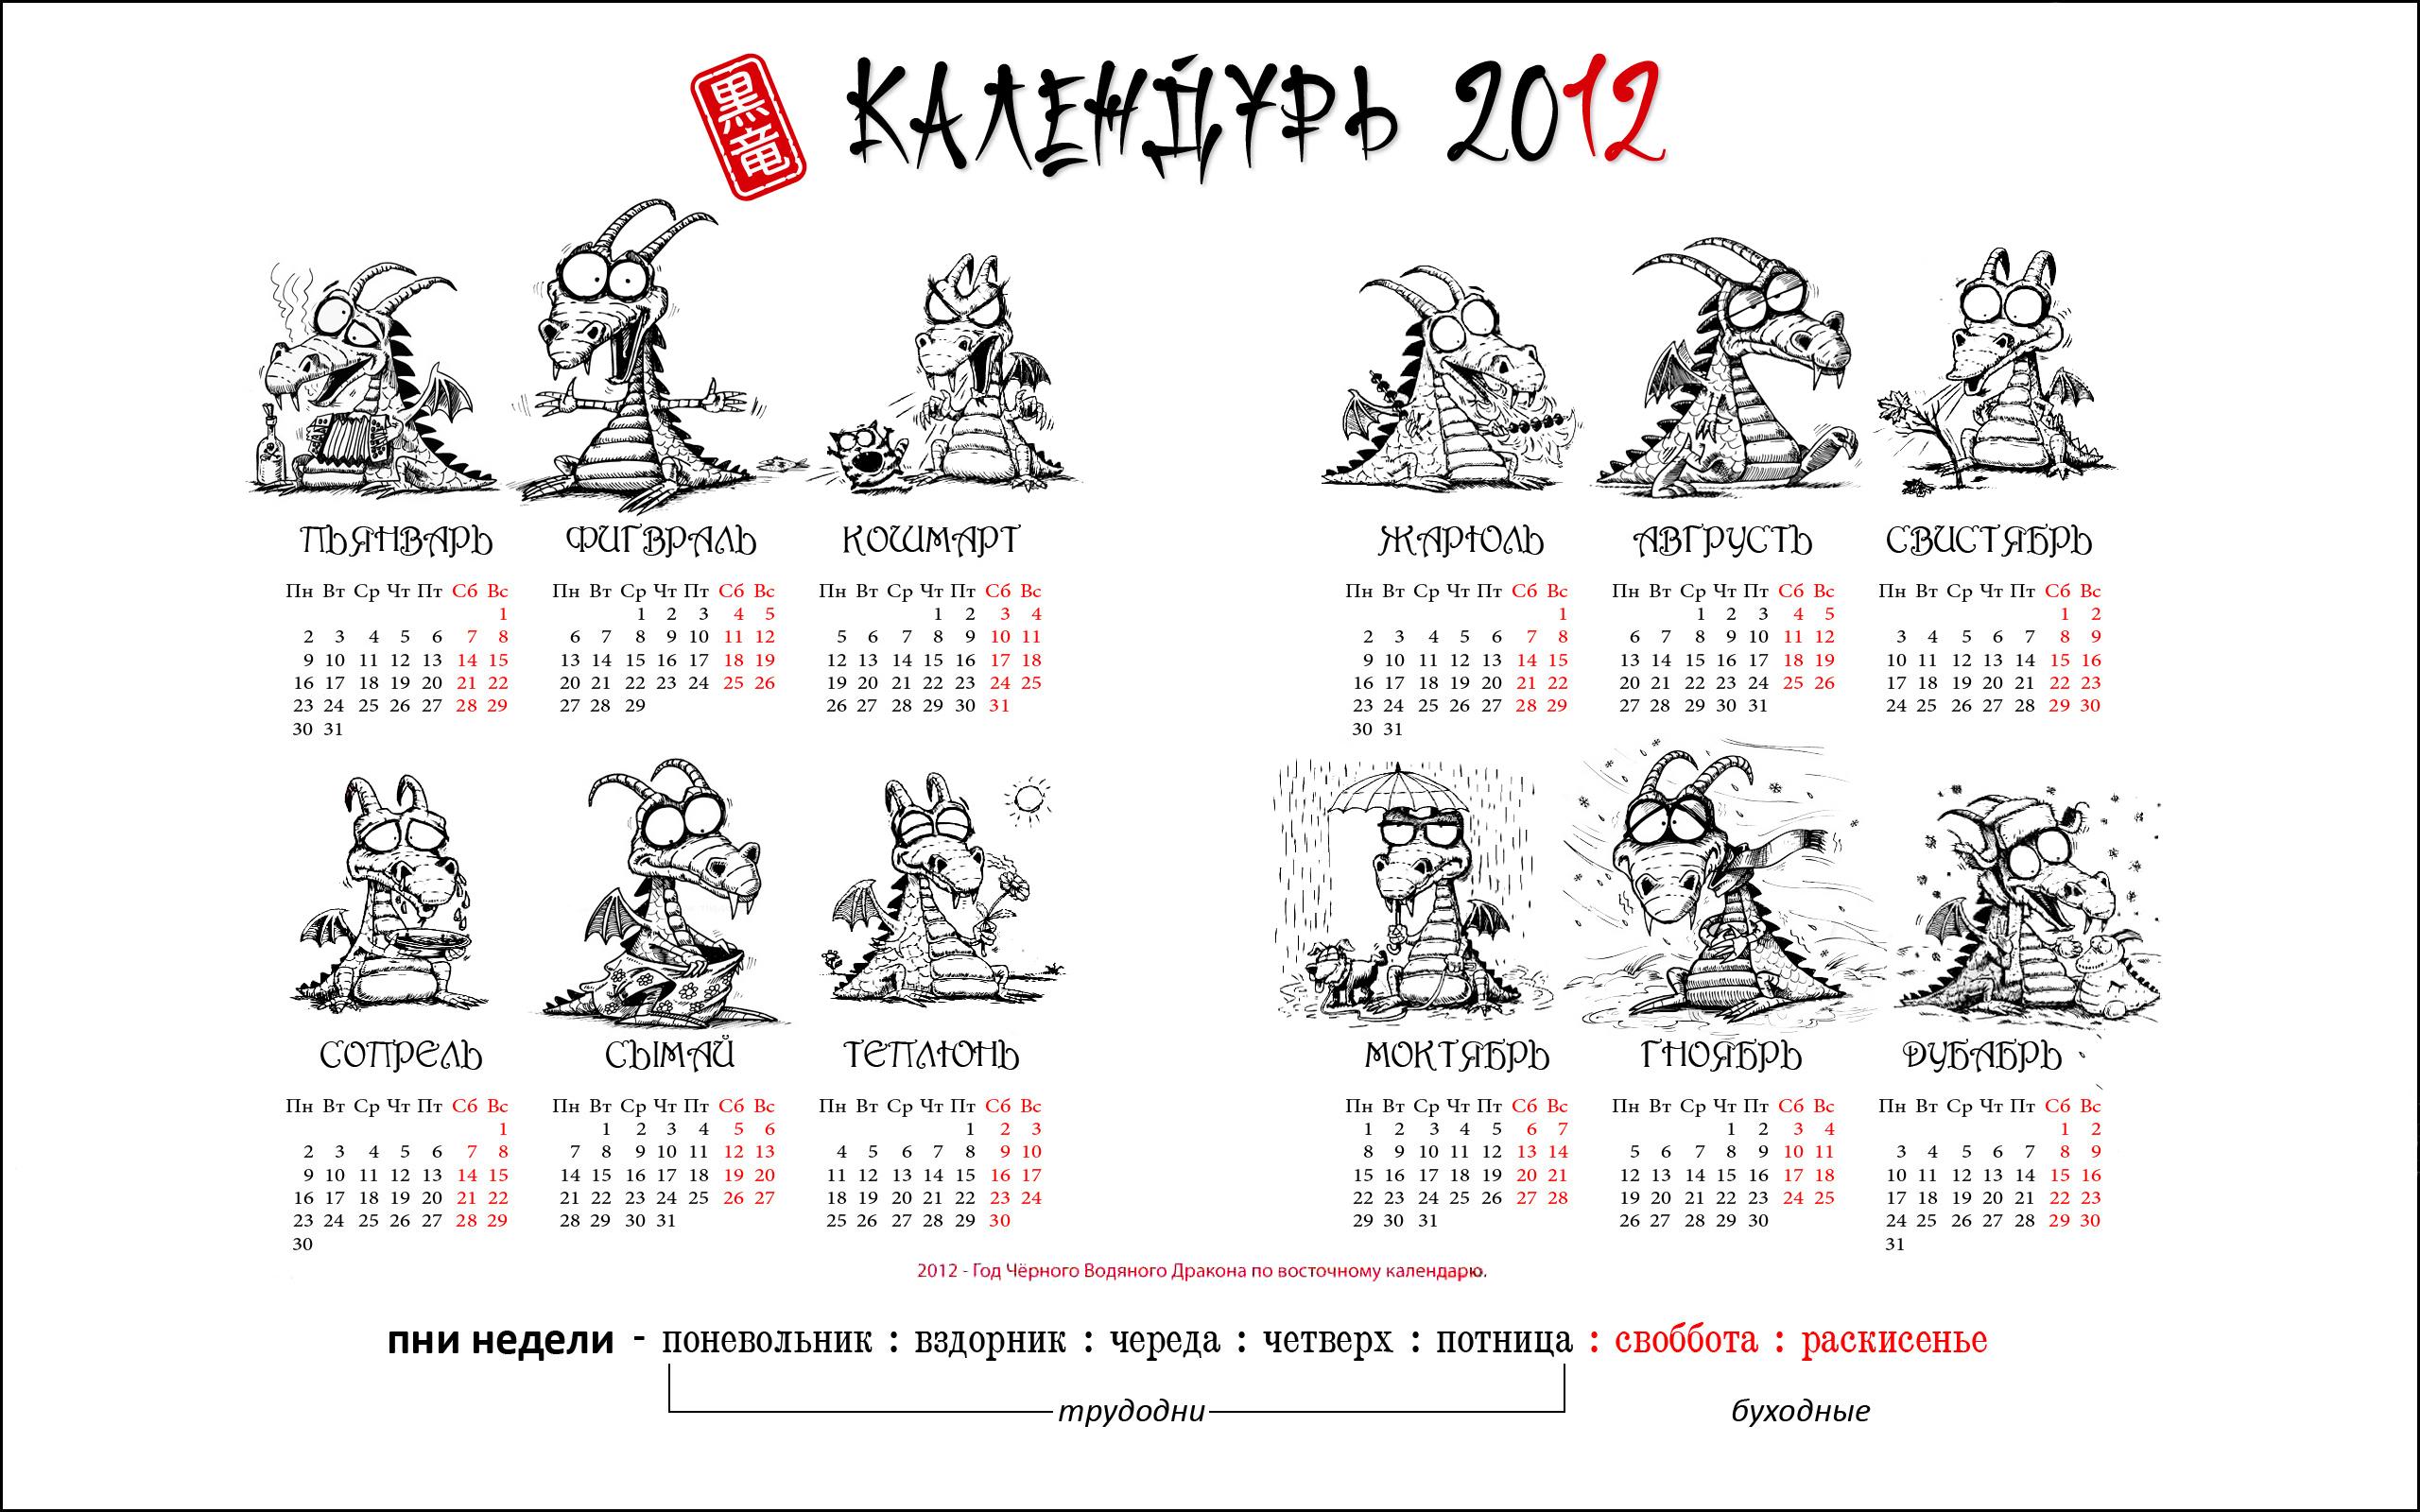 Новый год, календарь, коты HD обои на рабочий стол.